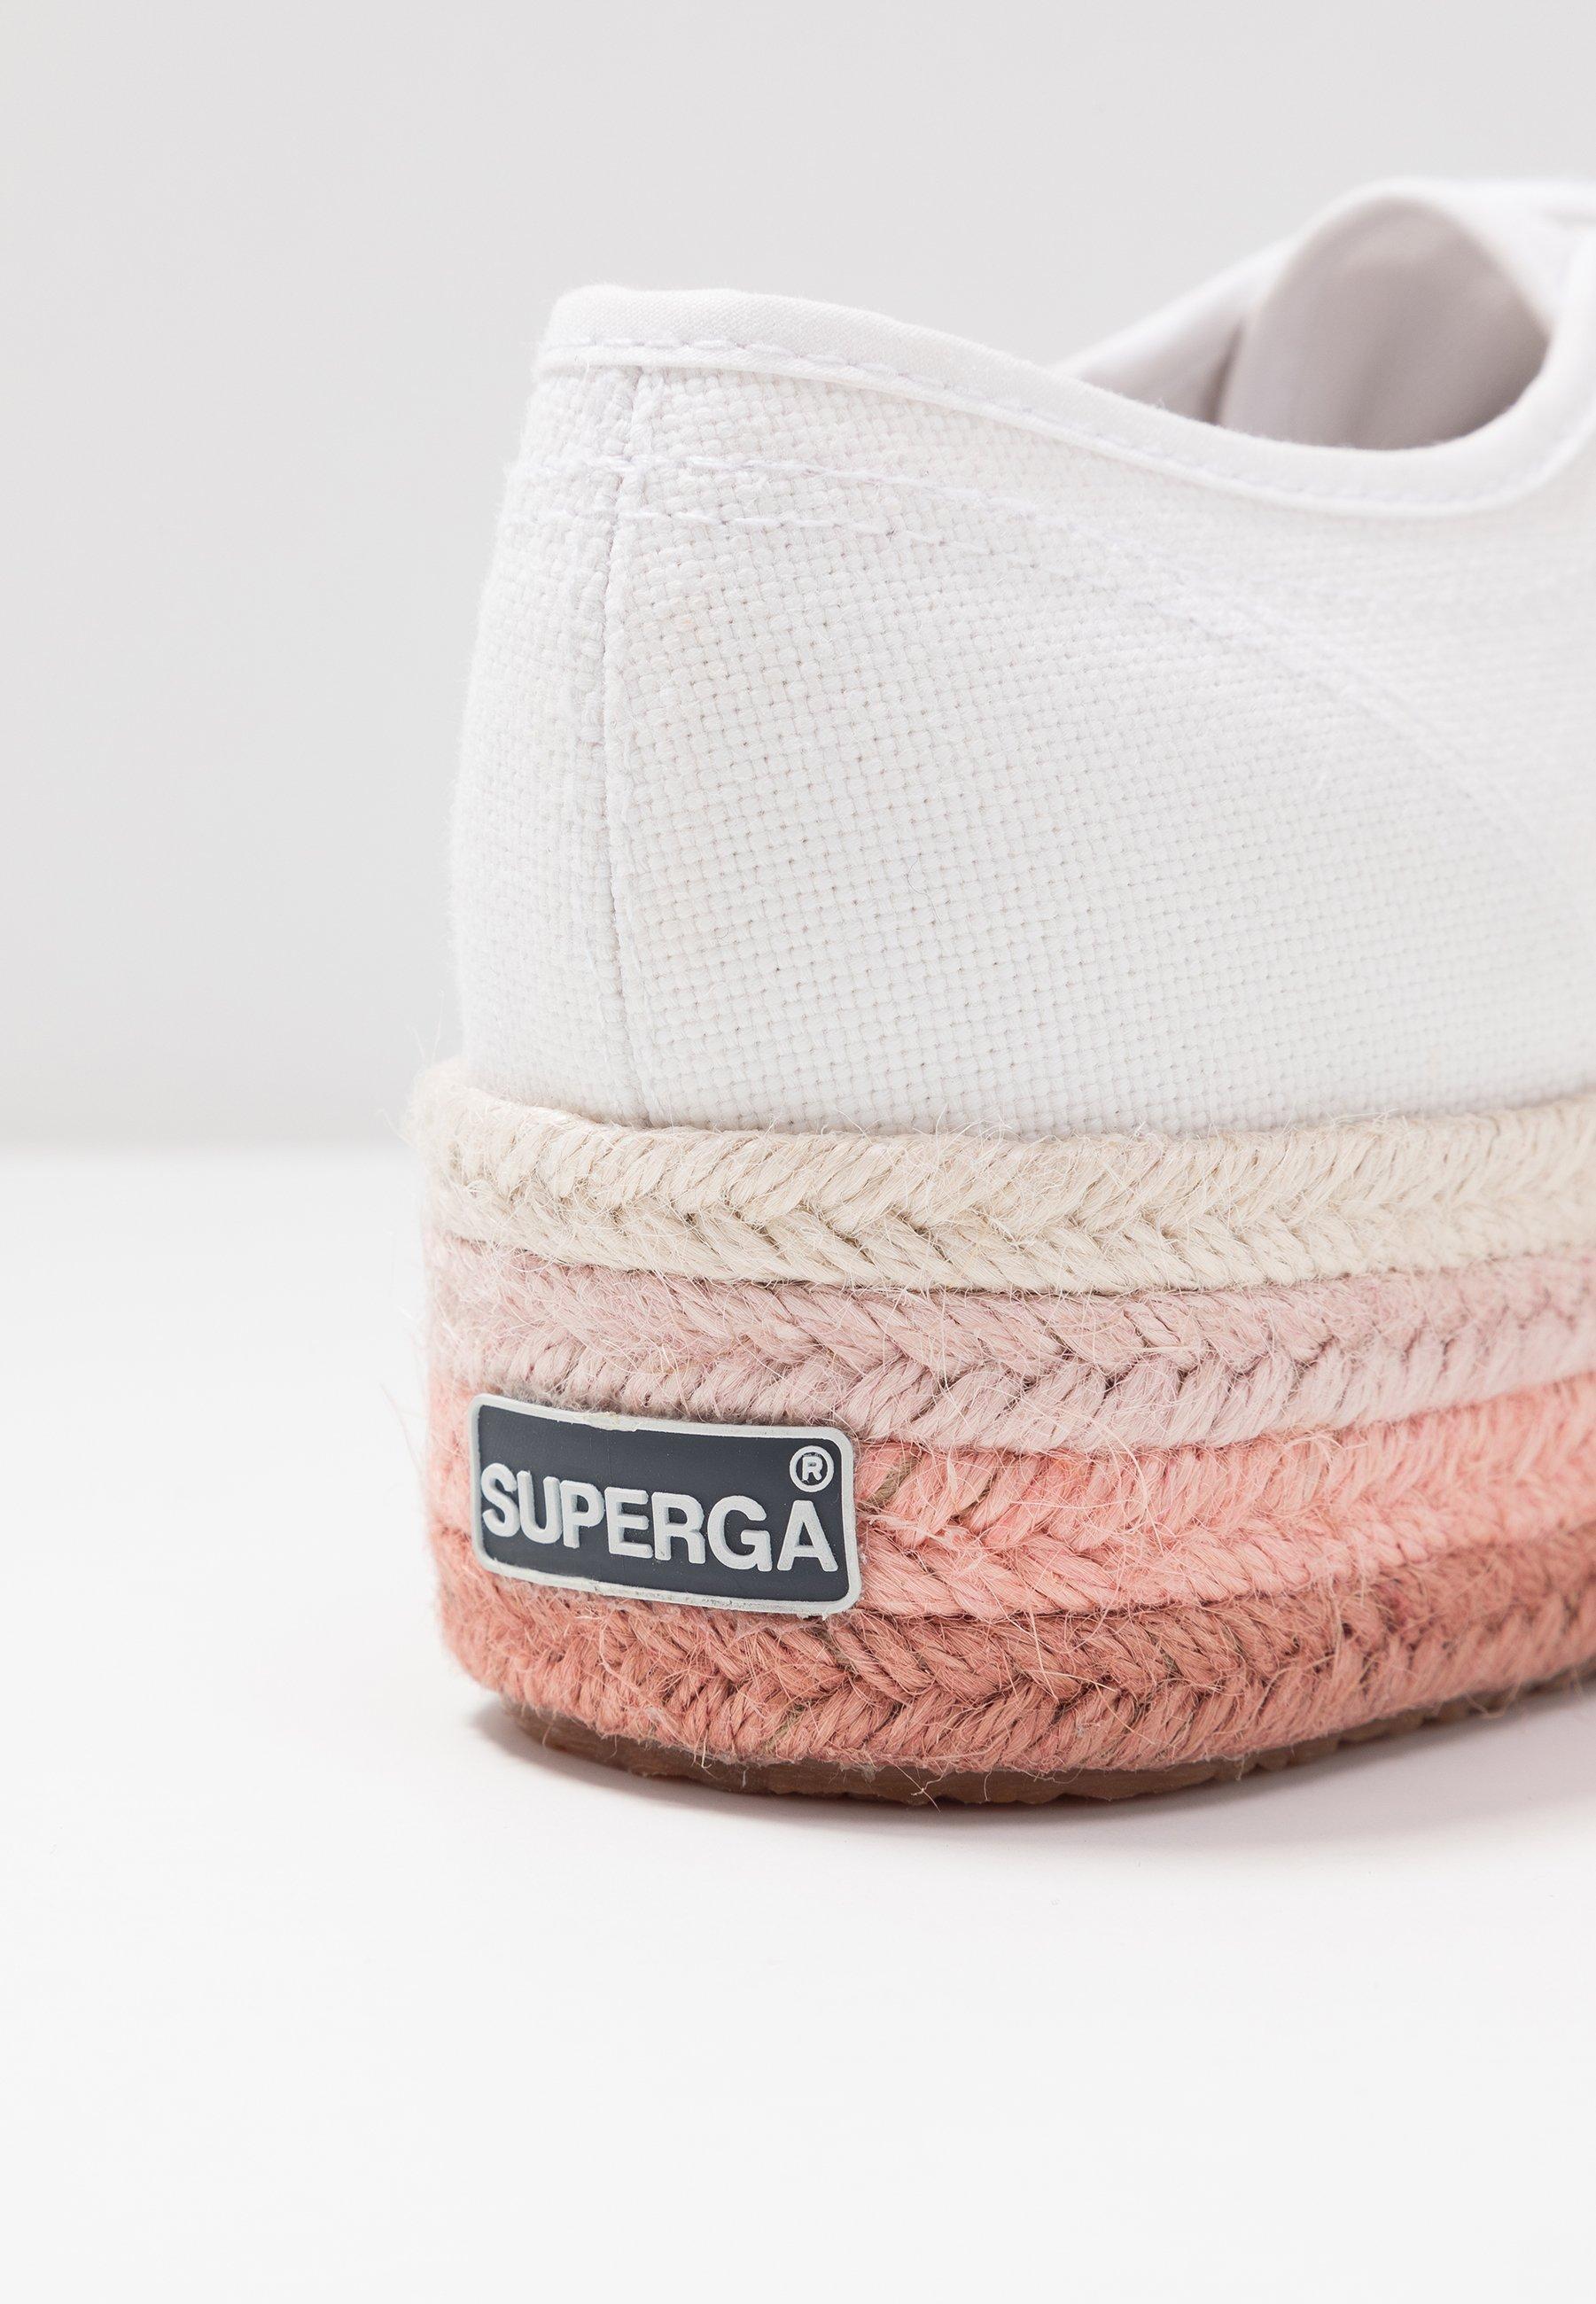 Superga 2790 - Espadrilles - white